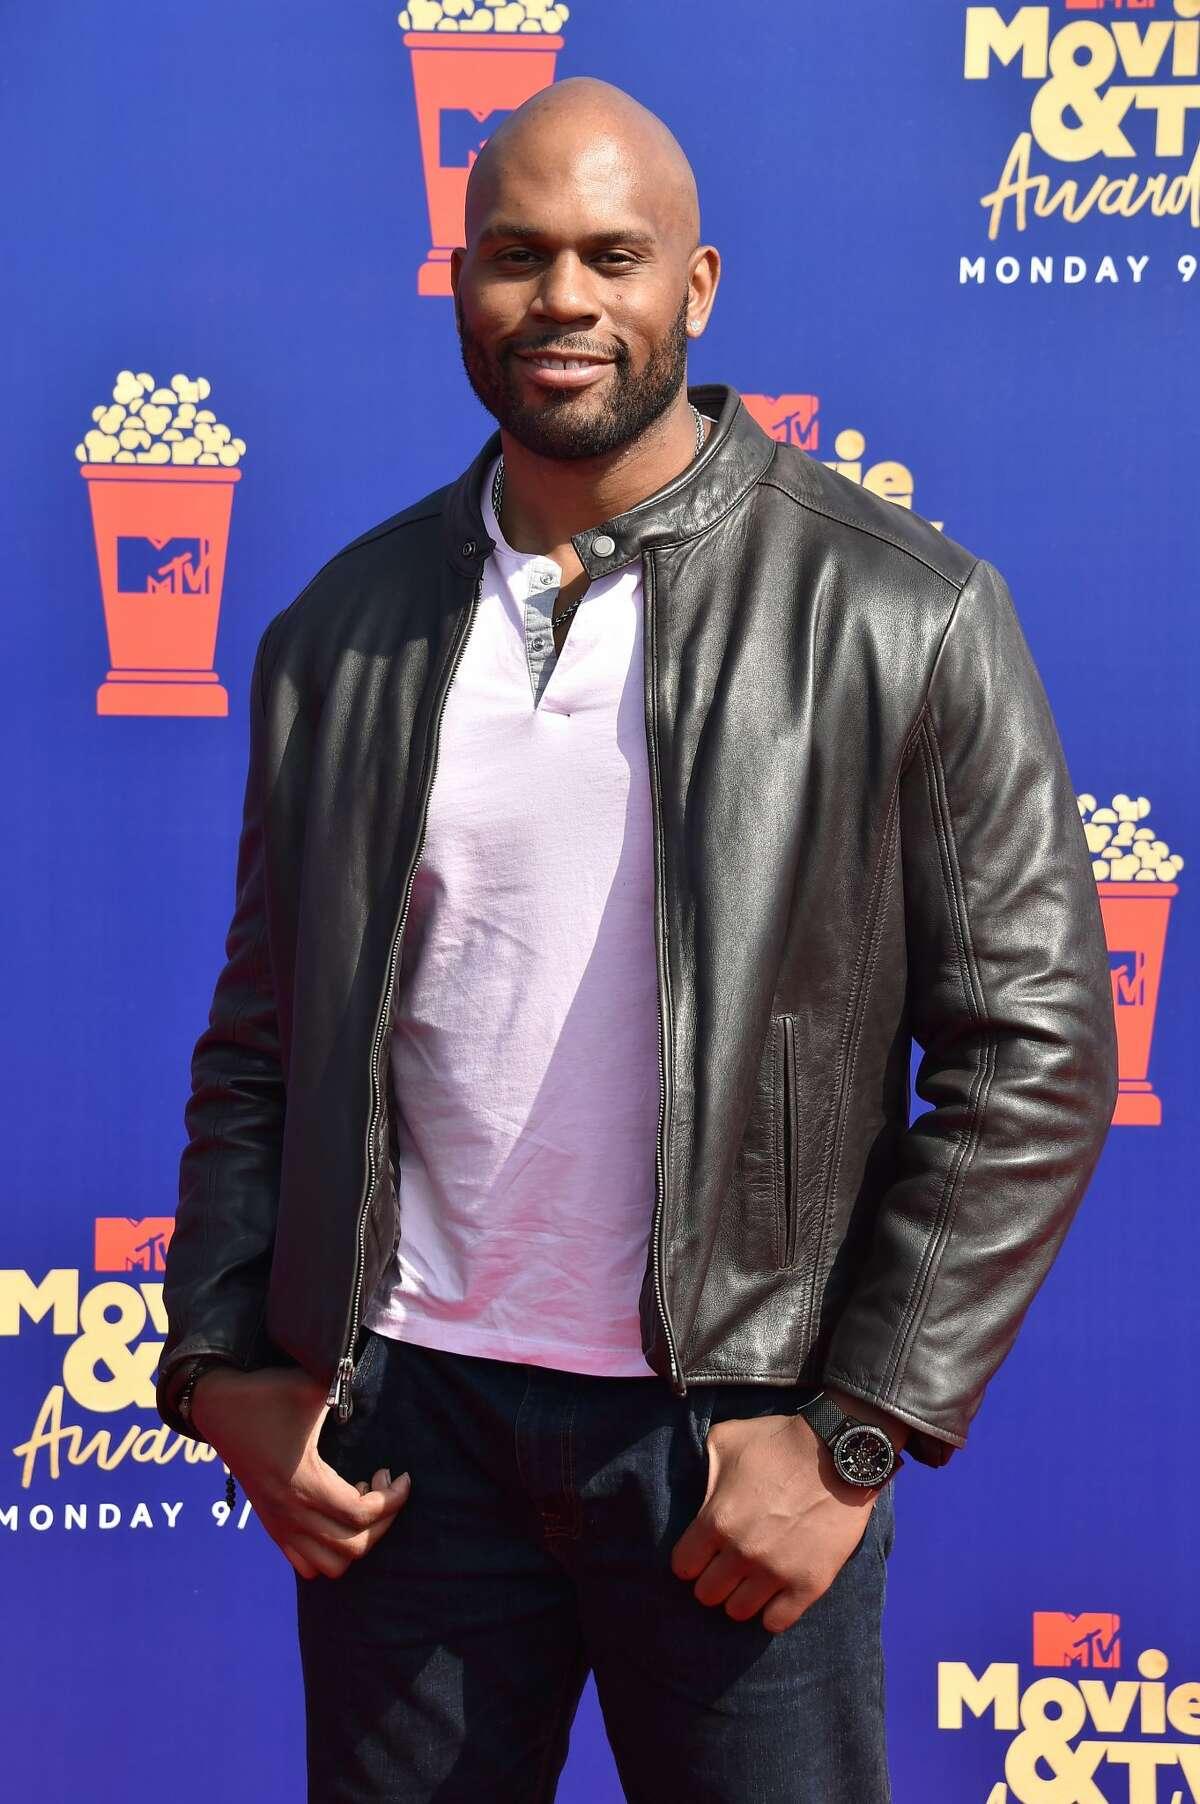 SANTA MONICA, CALIFORNIA - JUNE 15: Shad Gaspard attends the 2019 MTV Movie and TV Awards at Barker Hangar on June 15, 2019 in Santa Monica, California. (Photo by Gregg DeGuire/FilmMagic)